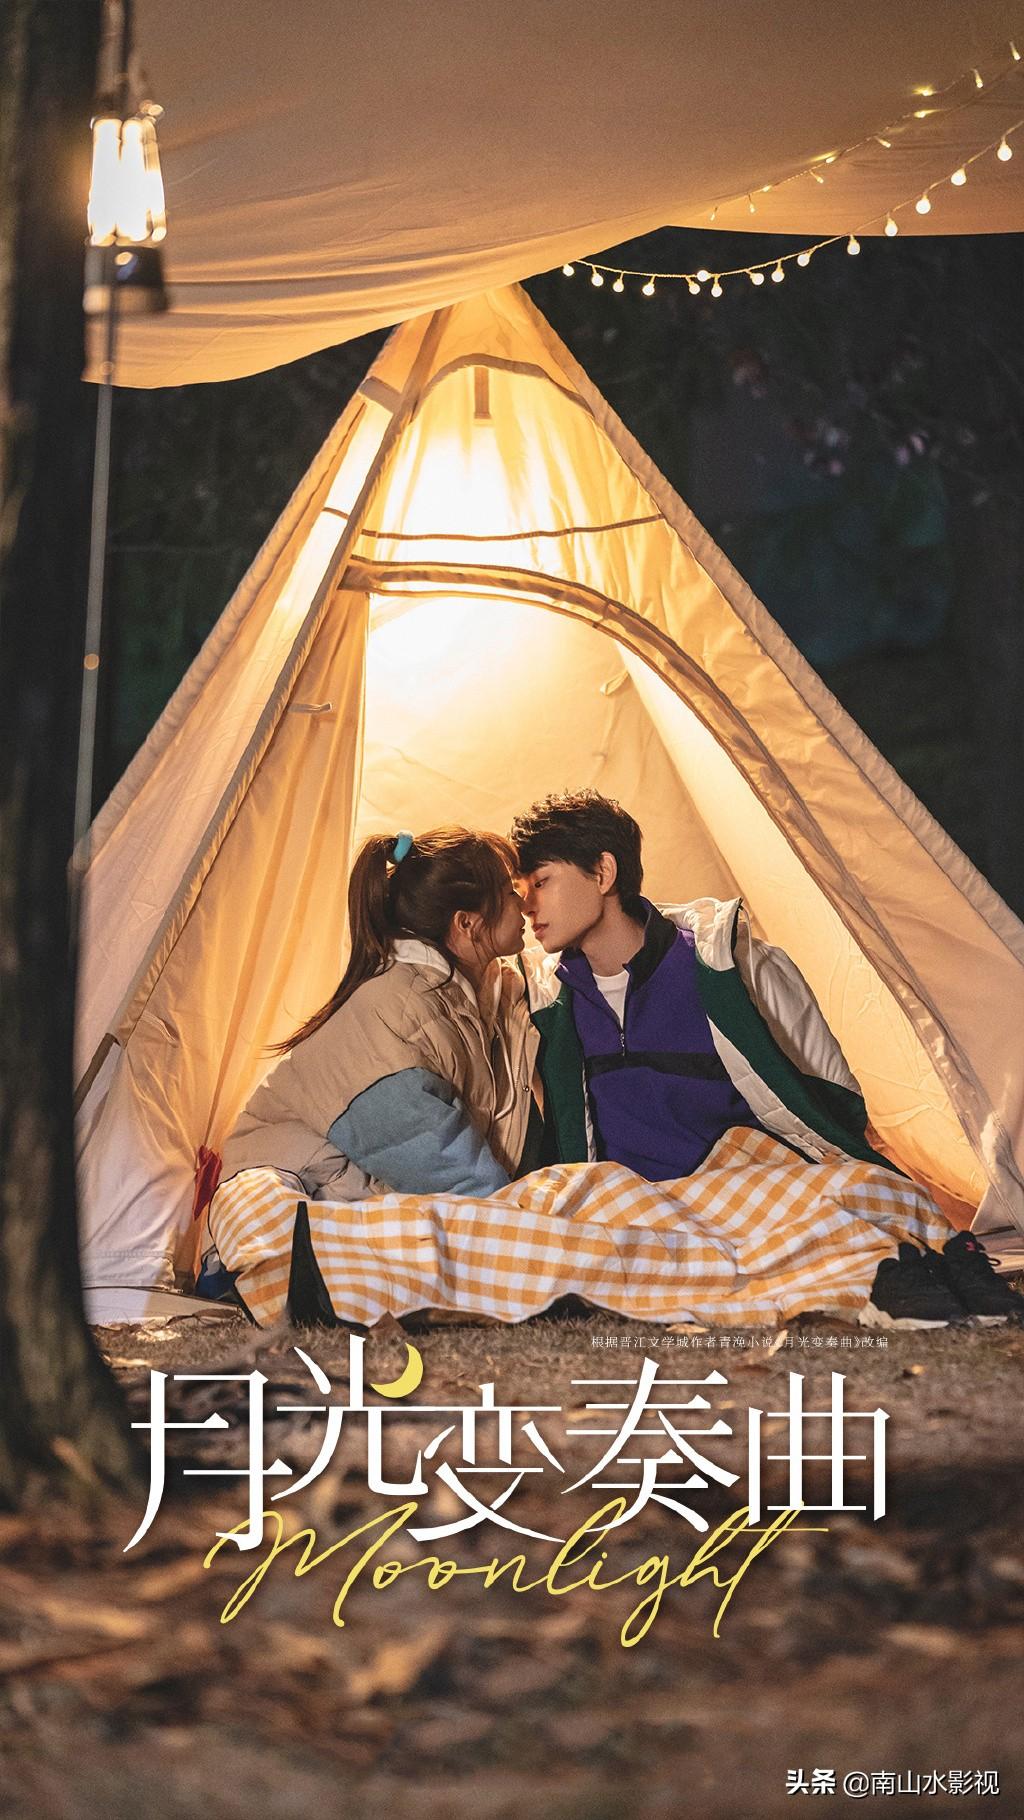 《月光变奏曲》于5月20日播出,丁禹兮搭档虞书欣,欢喜冤家营业